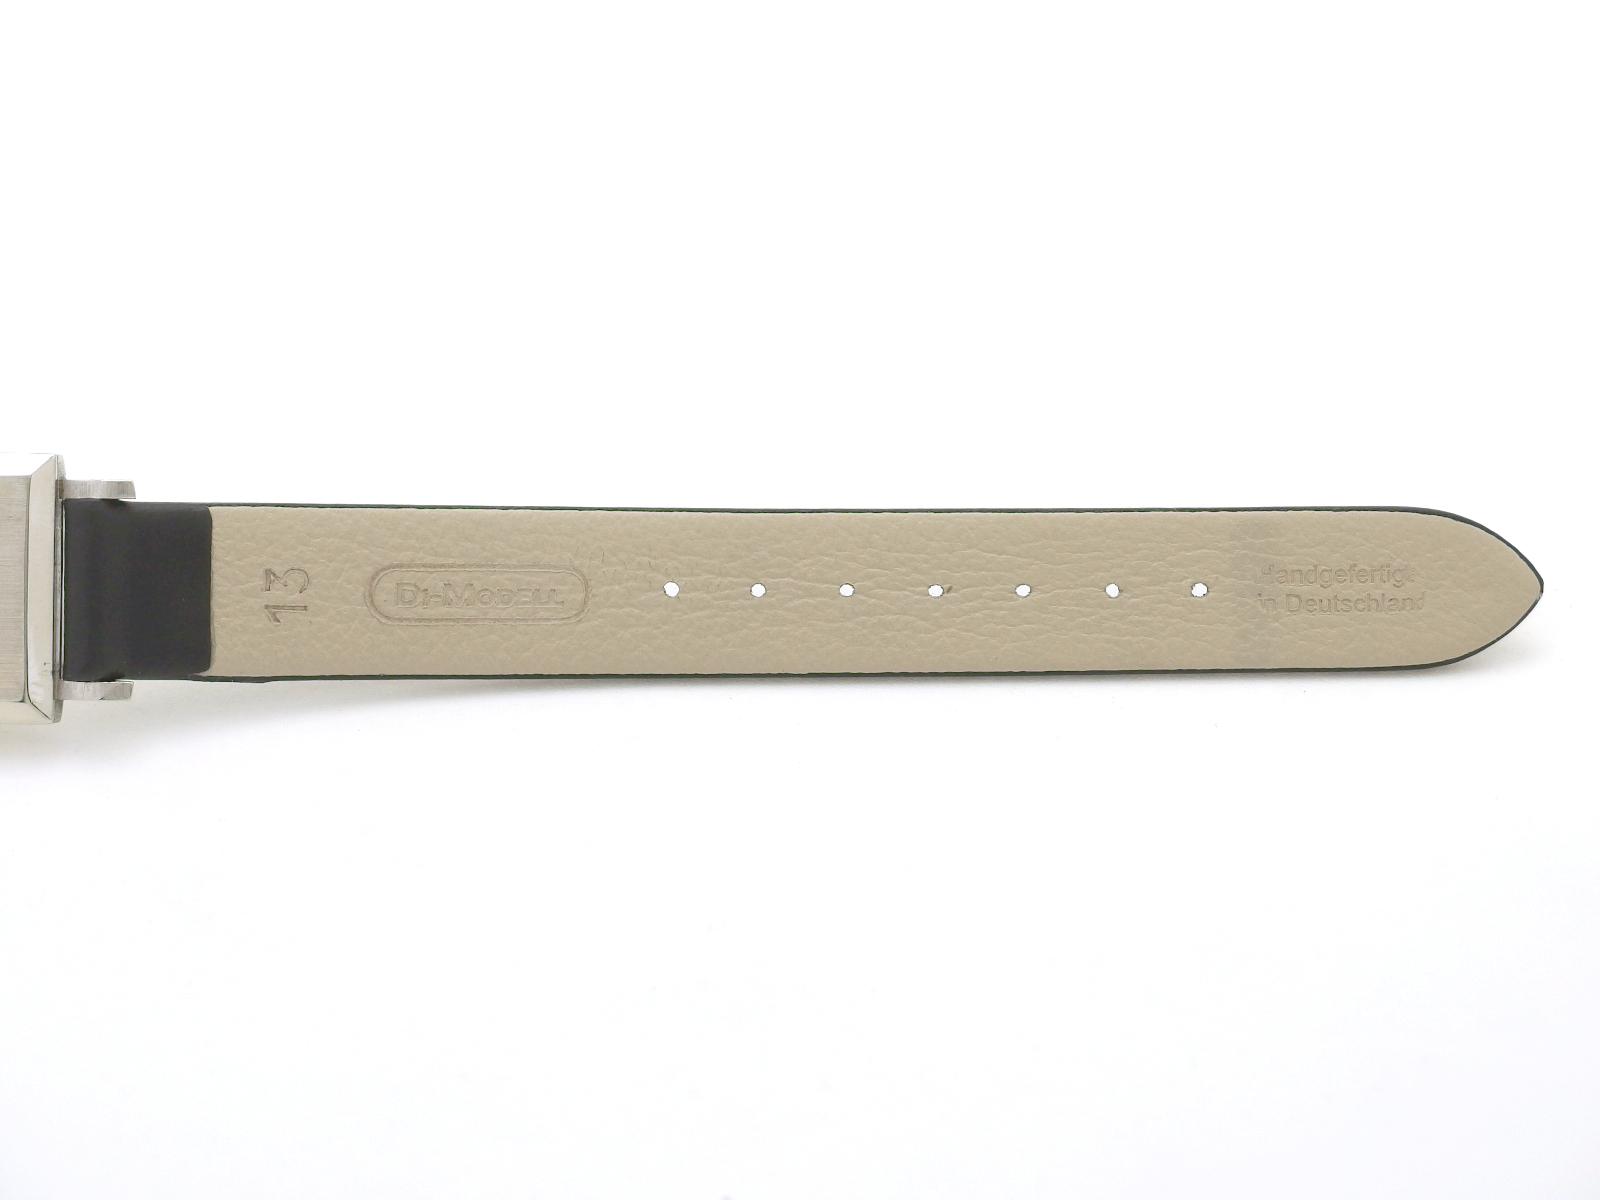 オメガ 10493 1 レディース 18金無垢ホワイトゴールド Cal.245 17石 手巻 OH済 1961年製 Omega